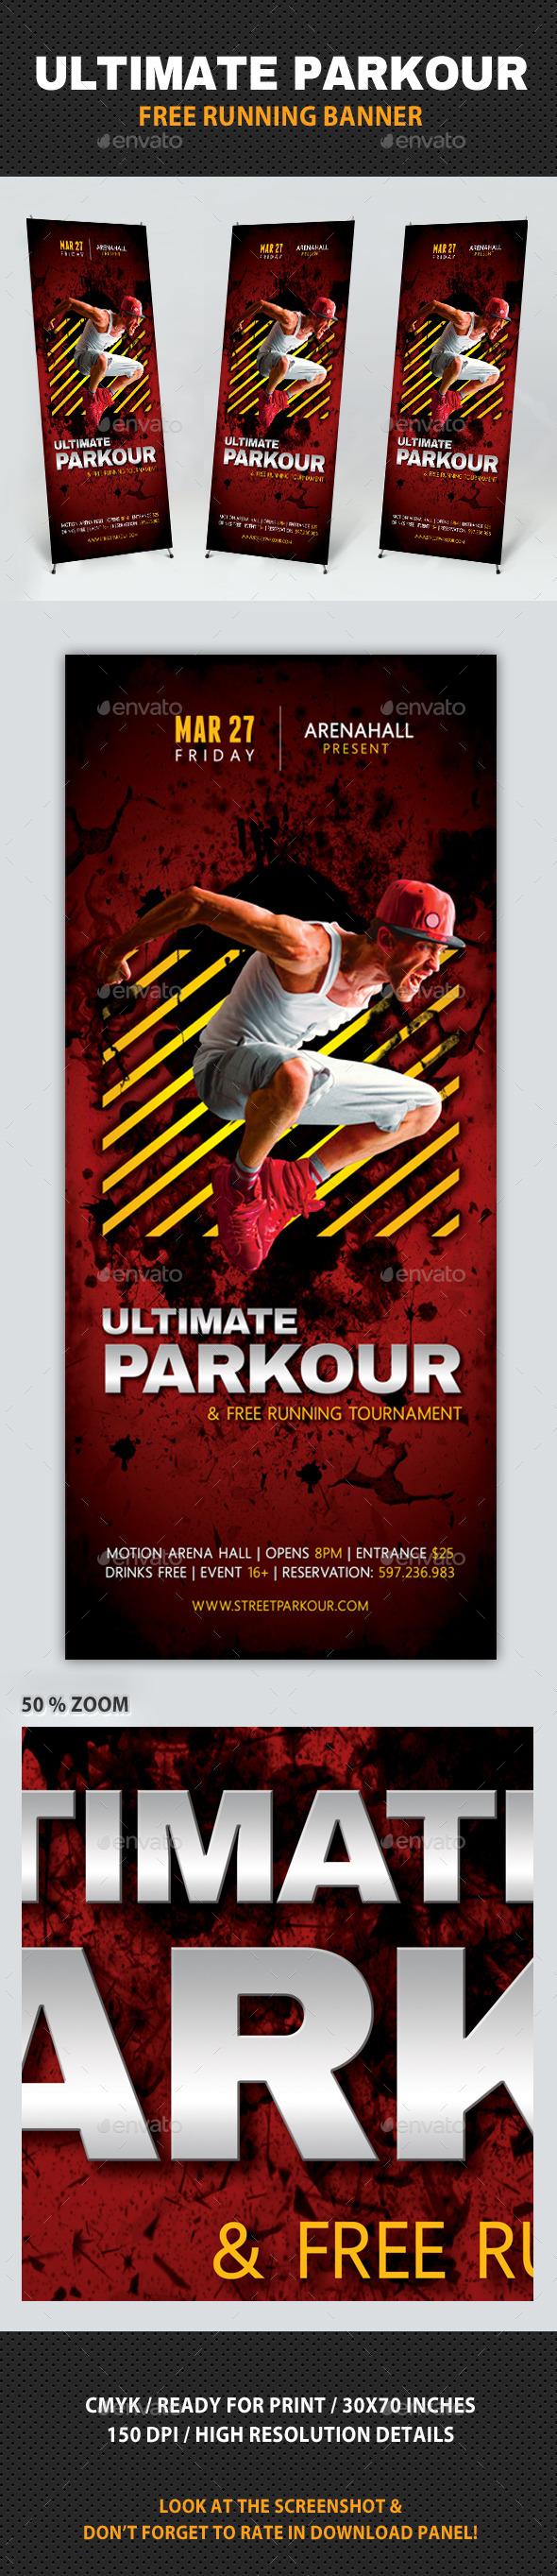 Ultimate Parkour Free Running Banner V2 - Signage Print Templates